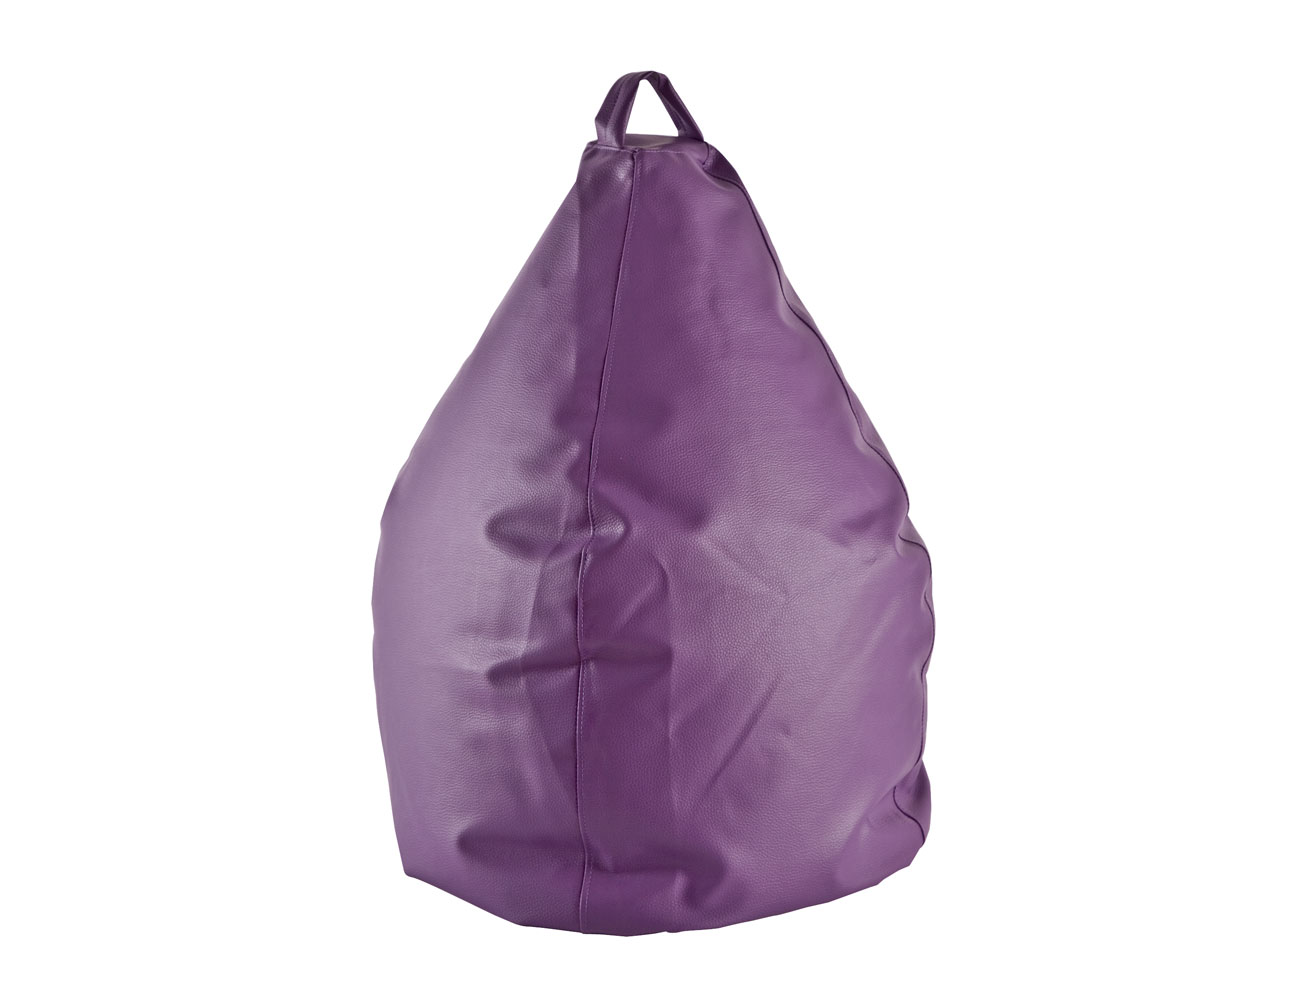 2 sac amoldable morado4